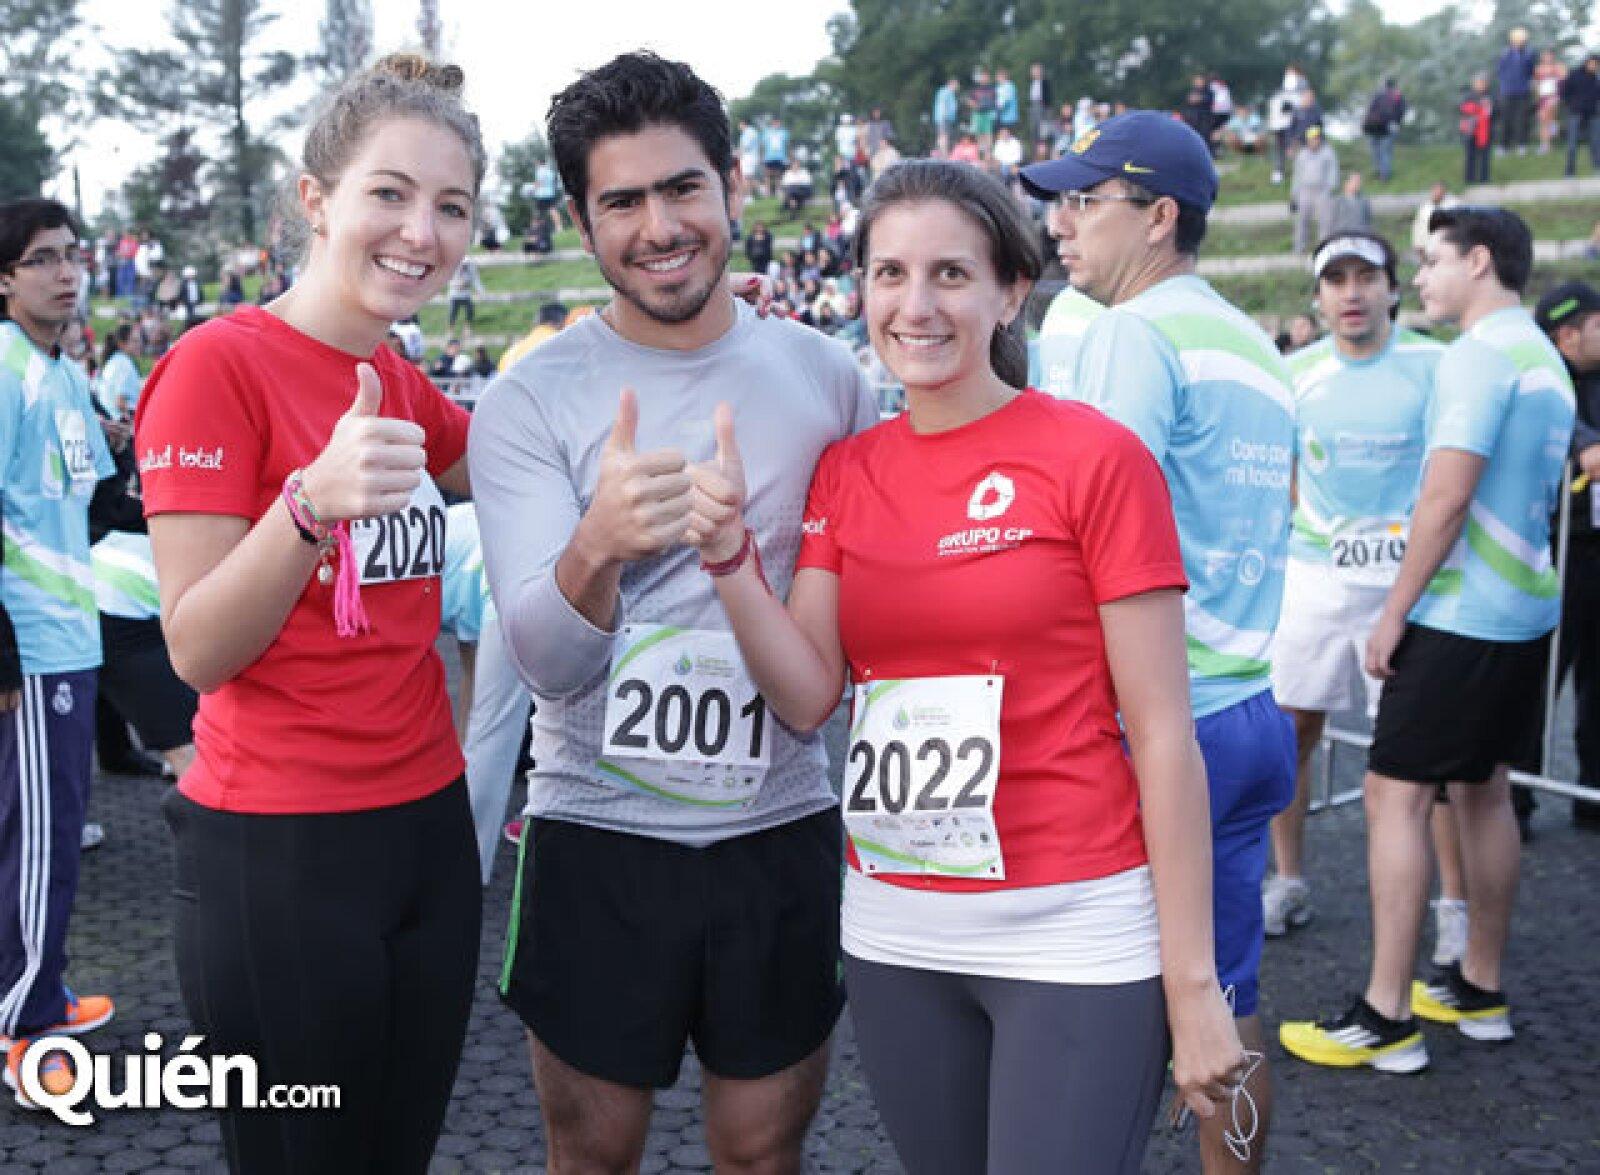 Estefanía Veraza, Rodrigo Leal y Ana Villamil